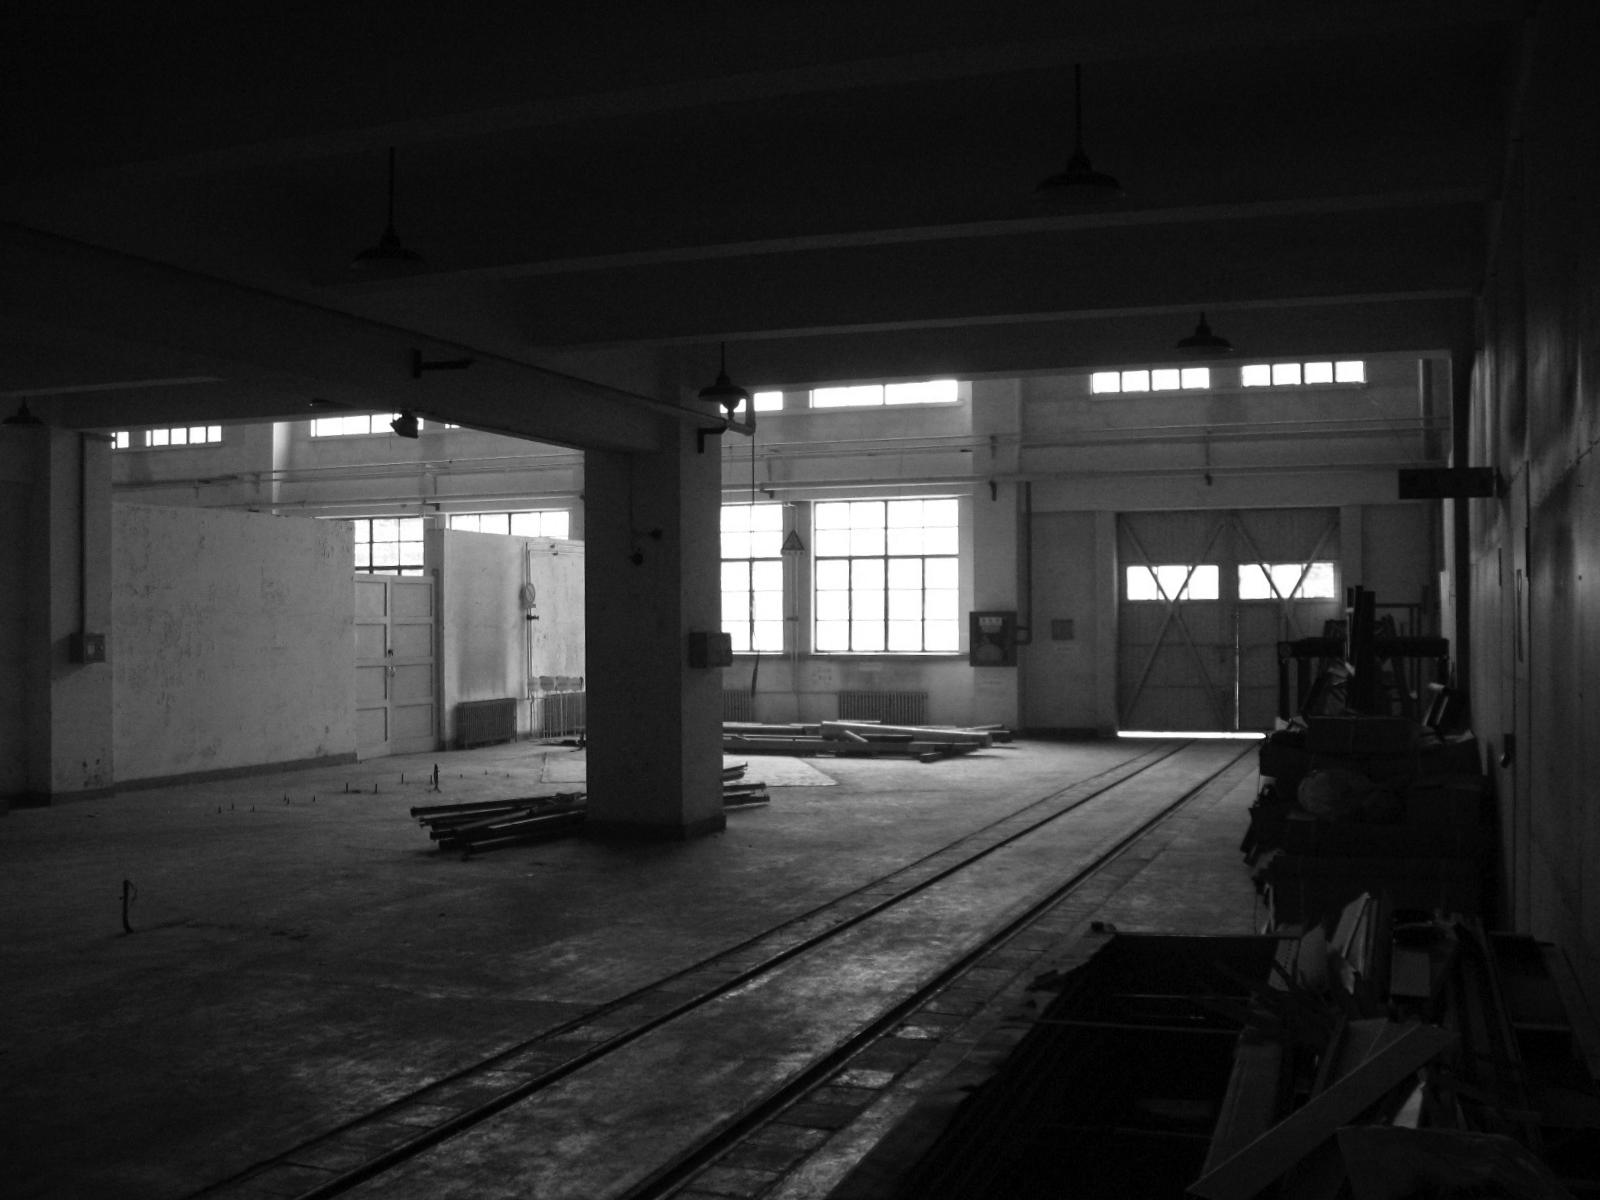 改造前的厂房 Existing condition